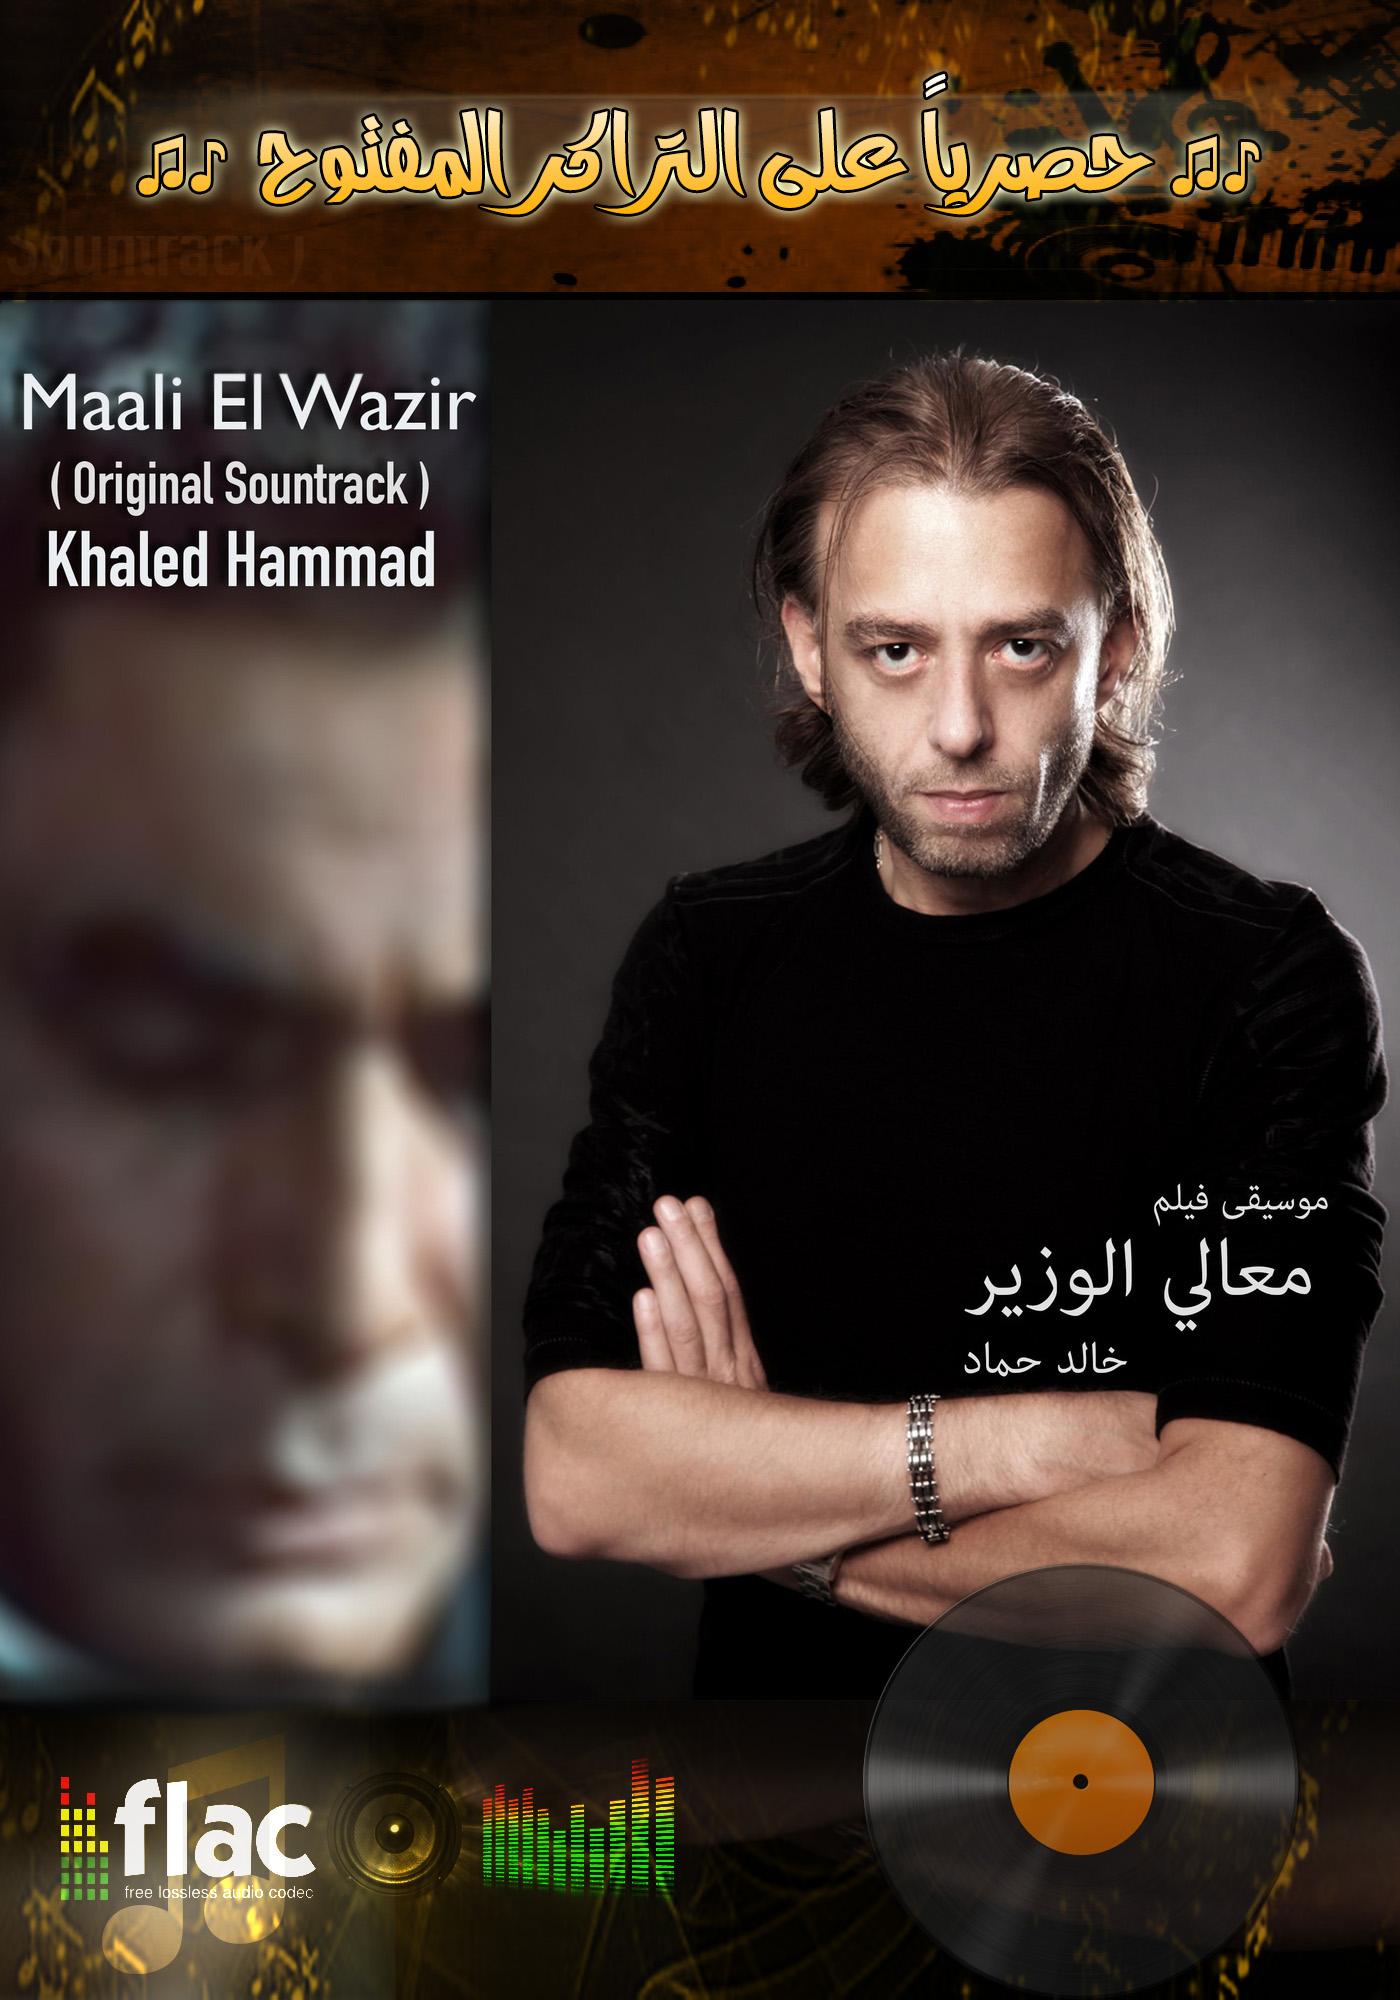 موسيقى فيلم [معالي الوزير][خالد حماد][OST][FLAC] تحميل تورنت 1 arabp2p.com